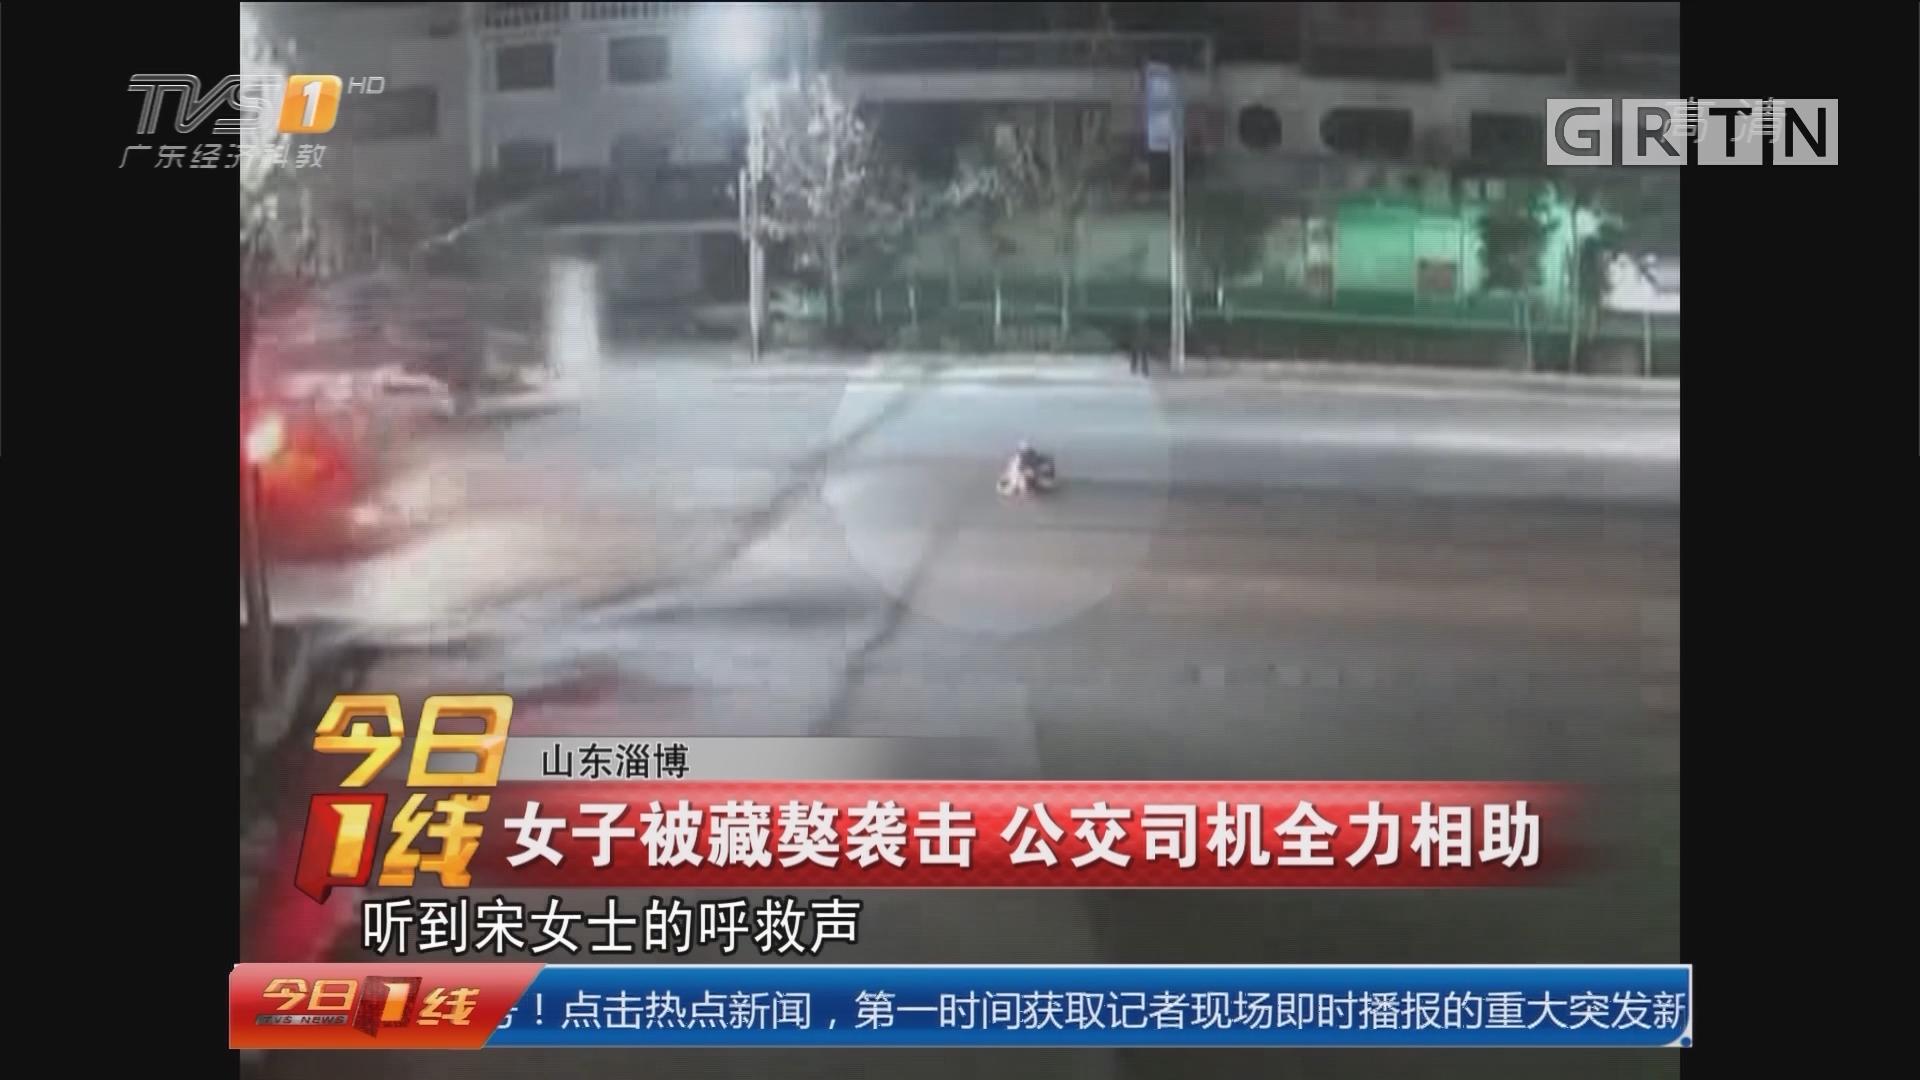 女子被藏獒袭击 公交司机全力相助